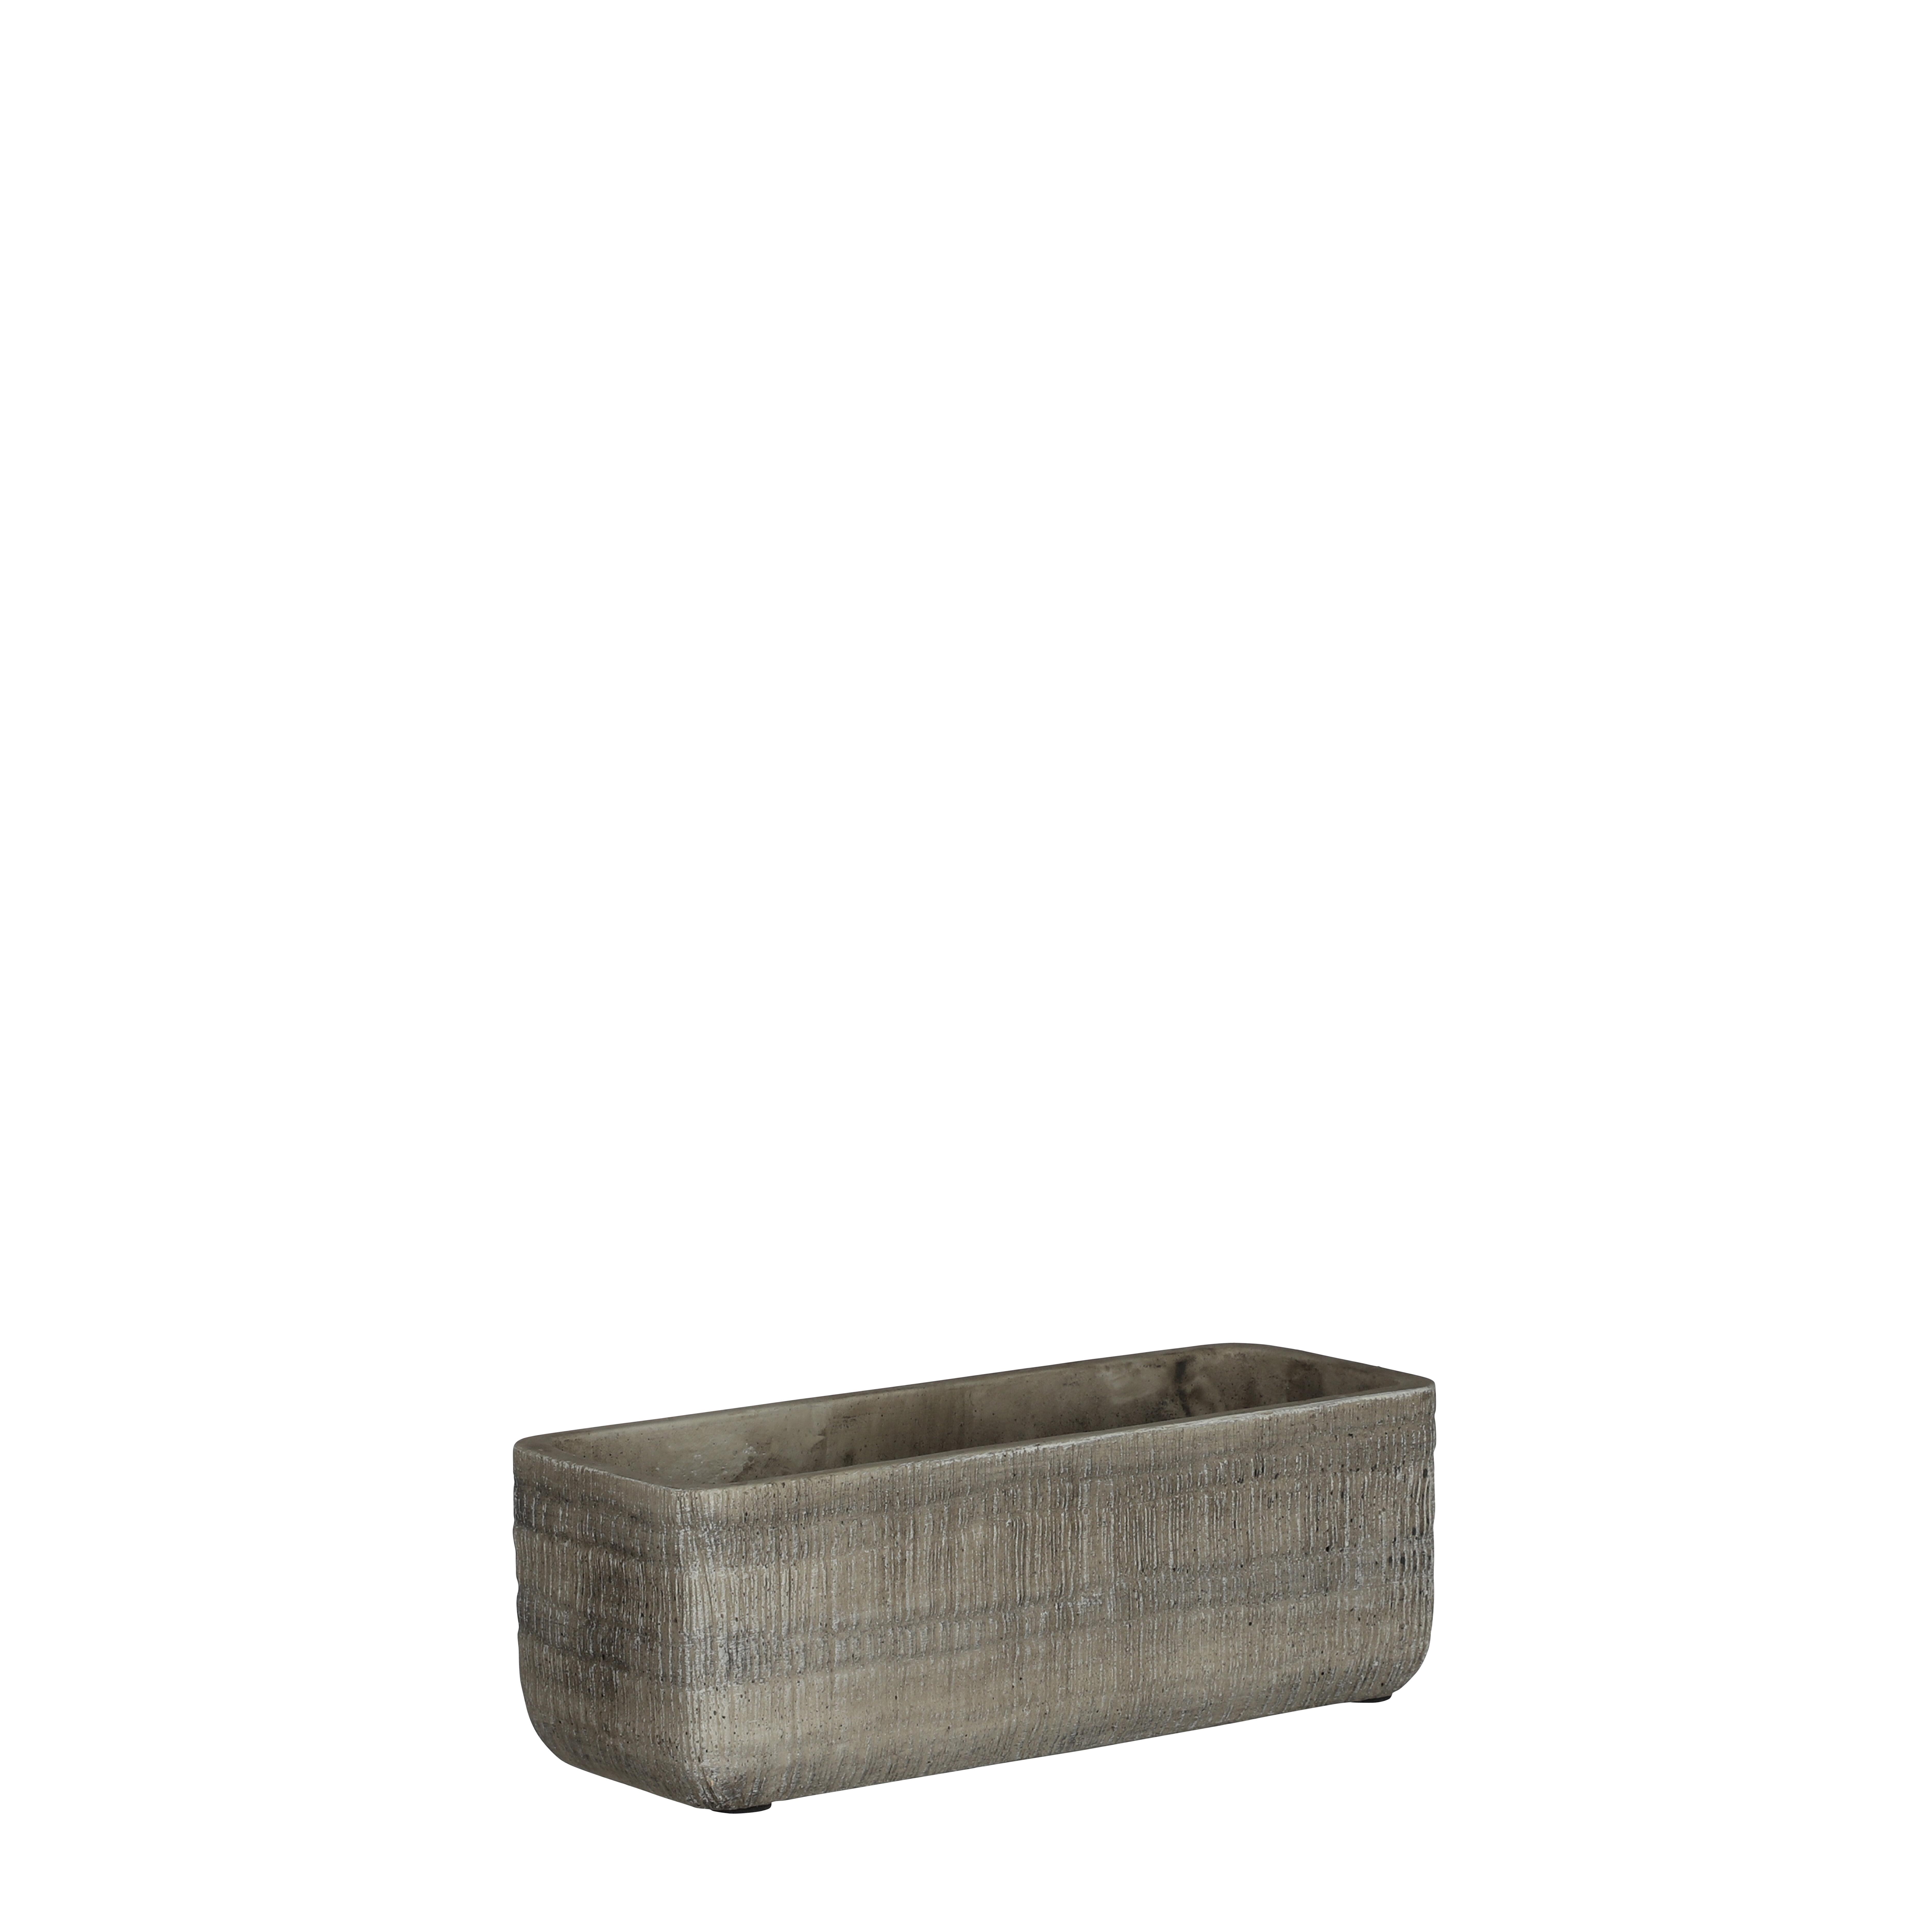 Union Rustic Waville Cement Planter Box Wayfair